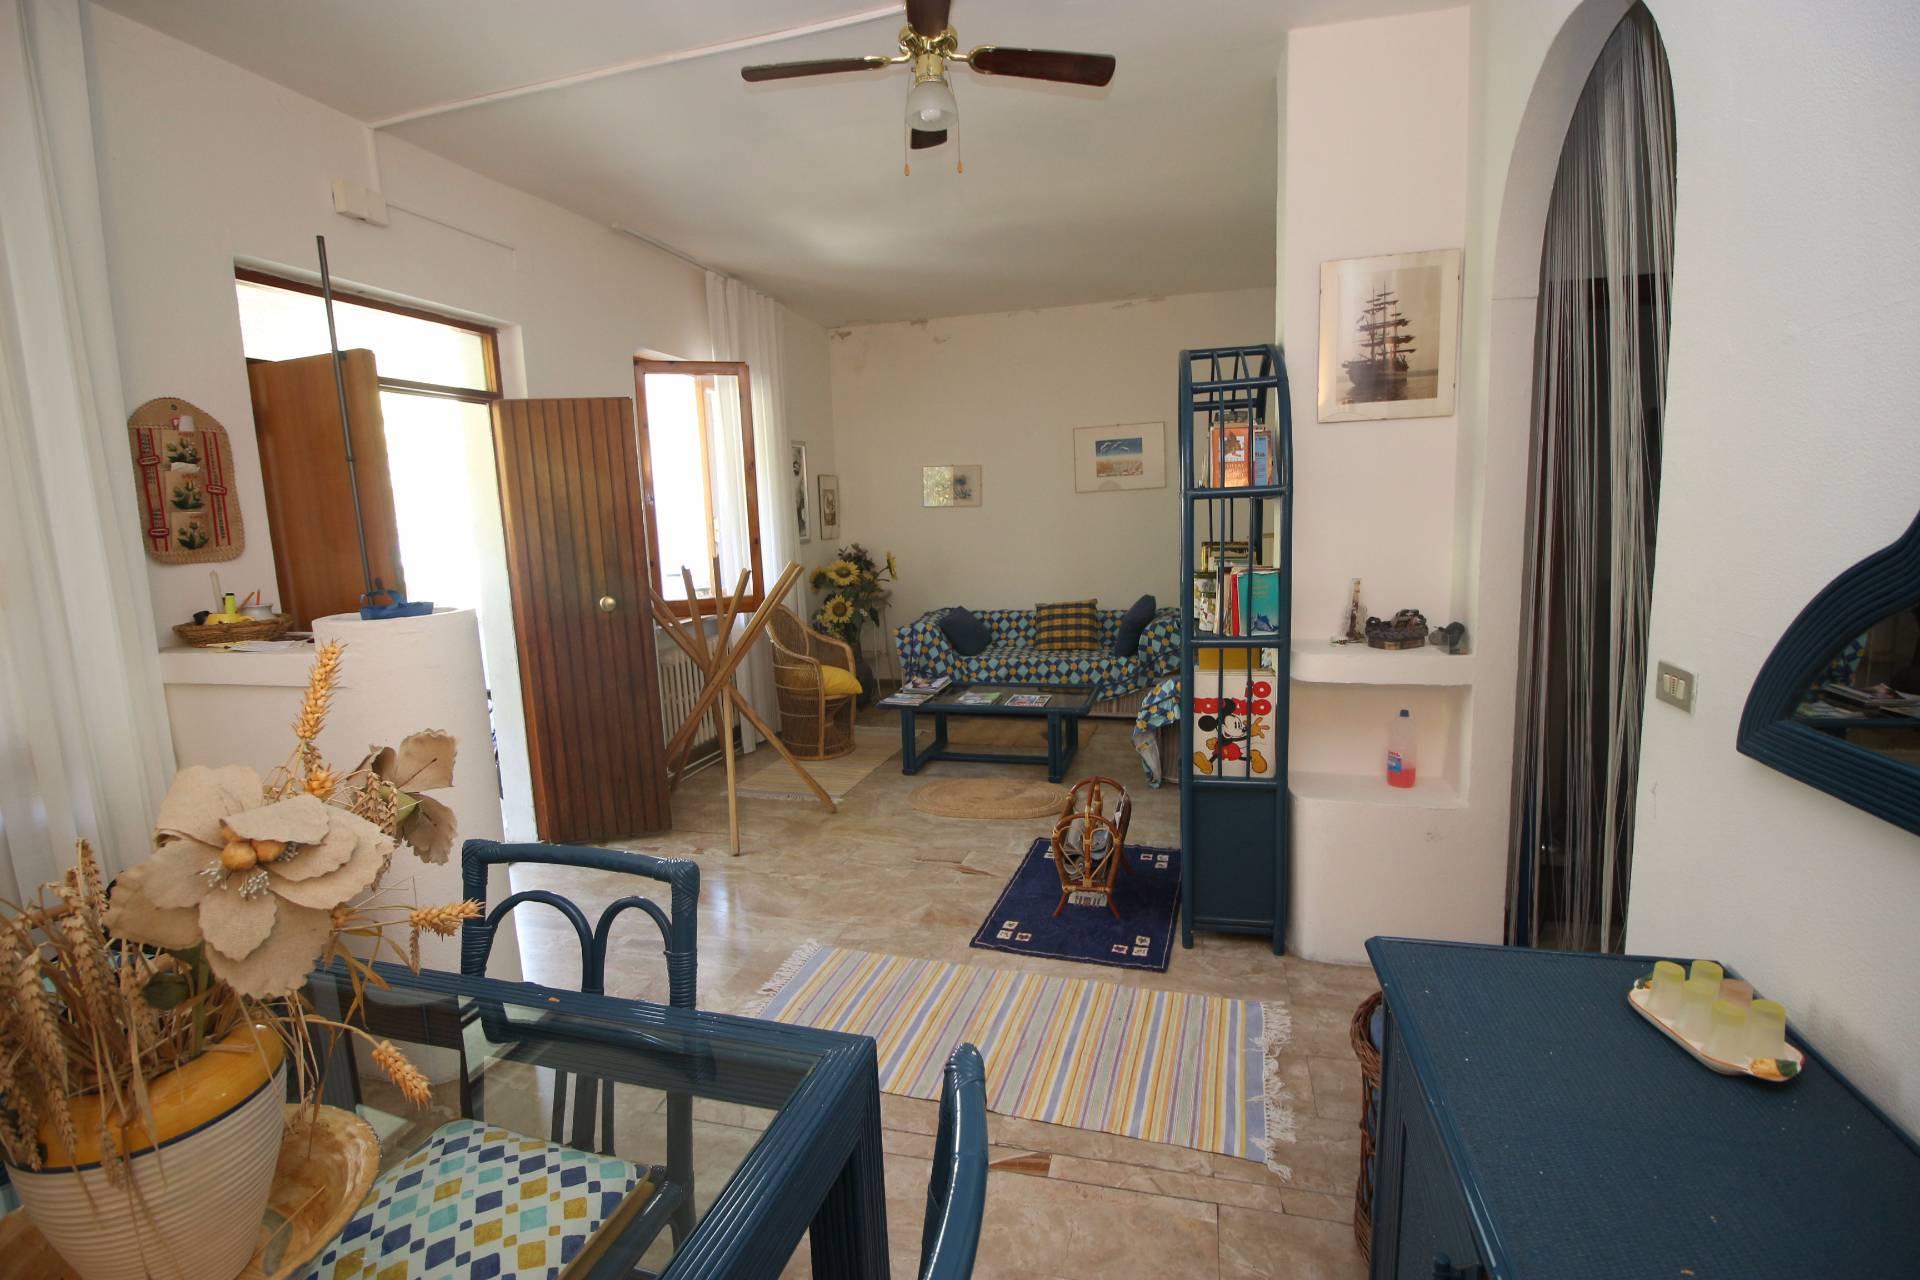 Appartamento in vendita a Tortoreto, 3 locali, zona Località: TortoretoLido, prezzo € 110.000 | CambioCasa.it